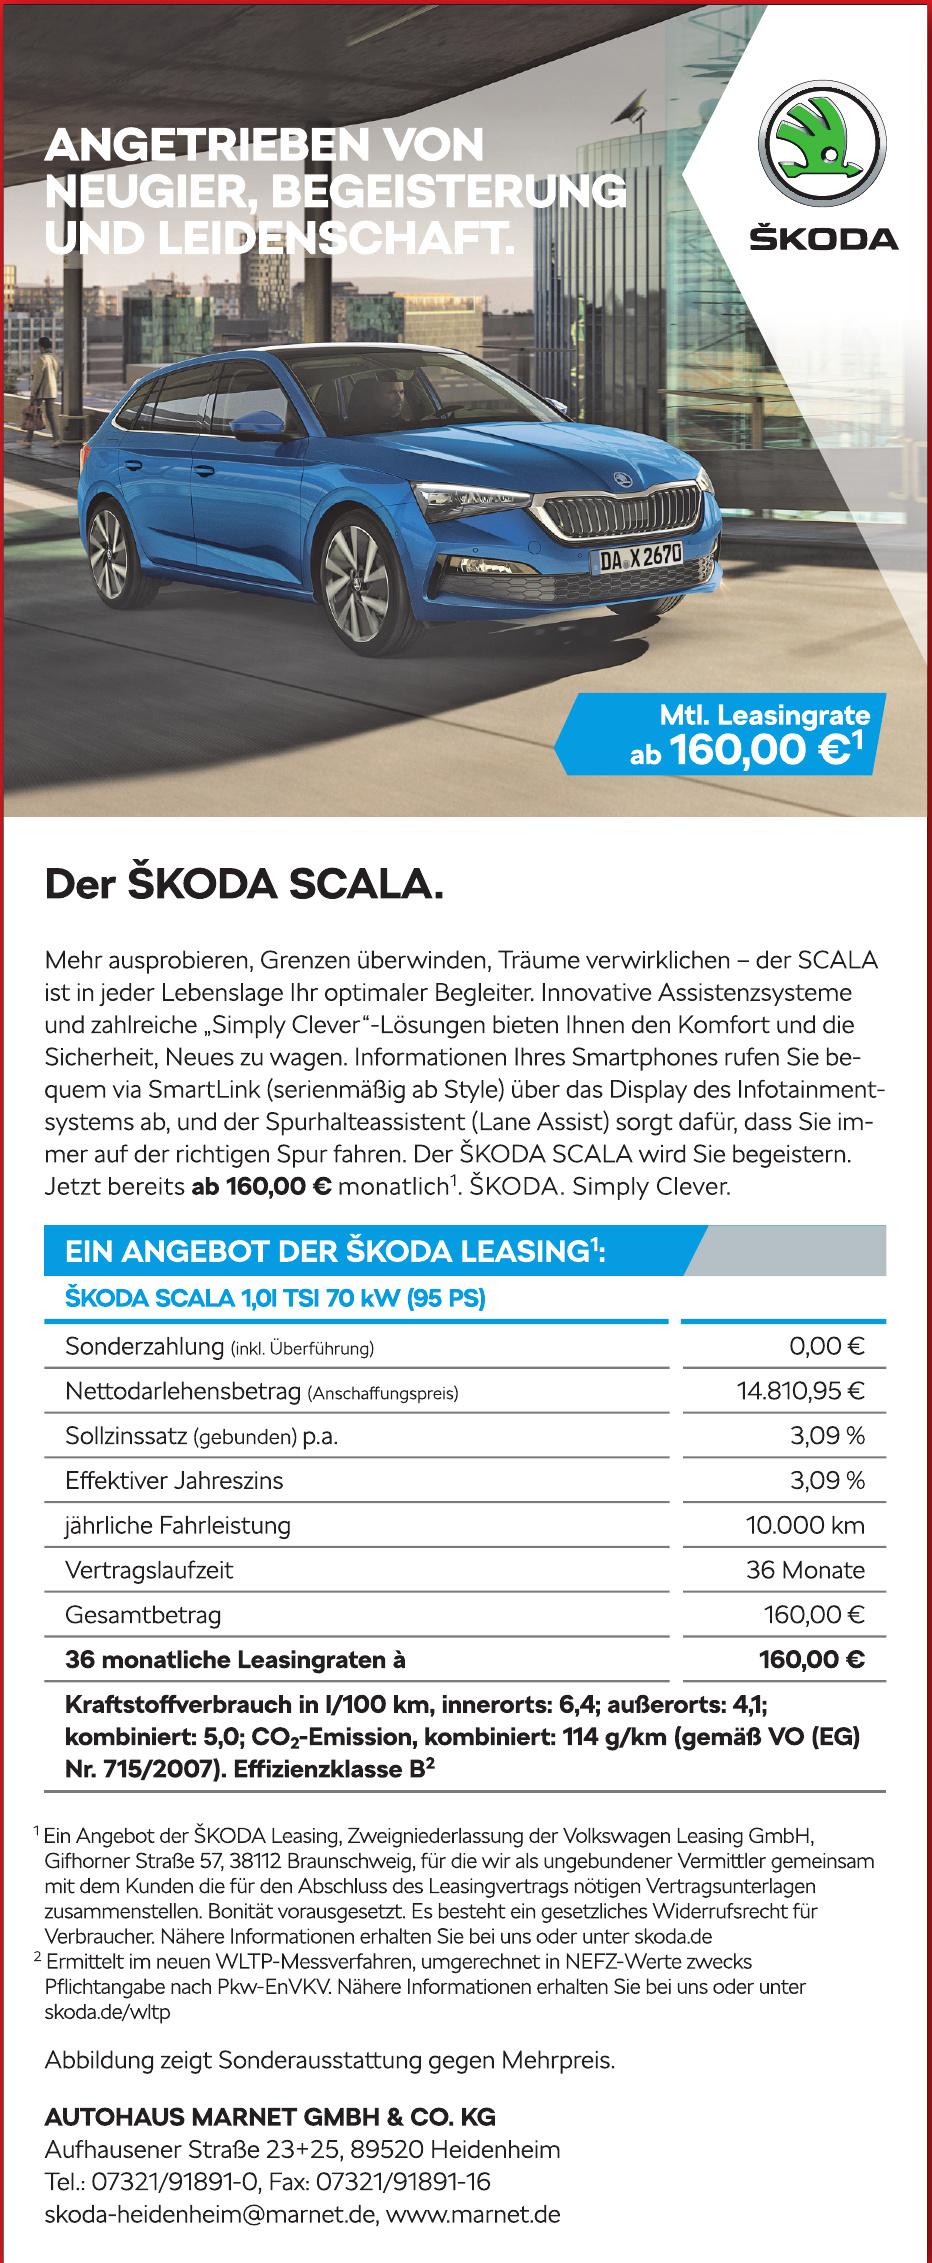 Autohaus Marnet GmbH & Co. KG